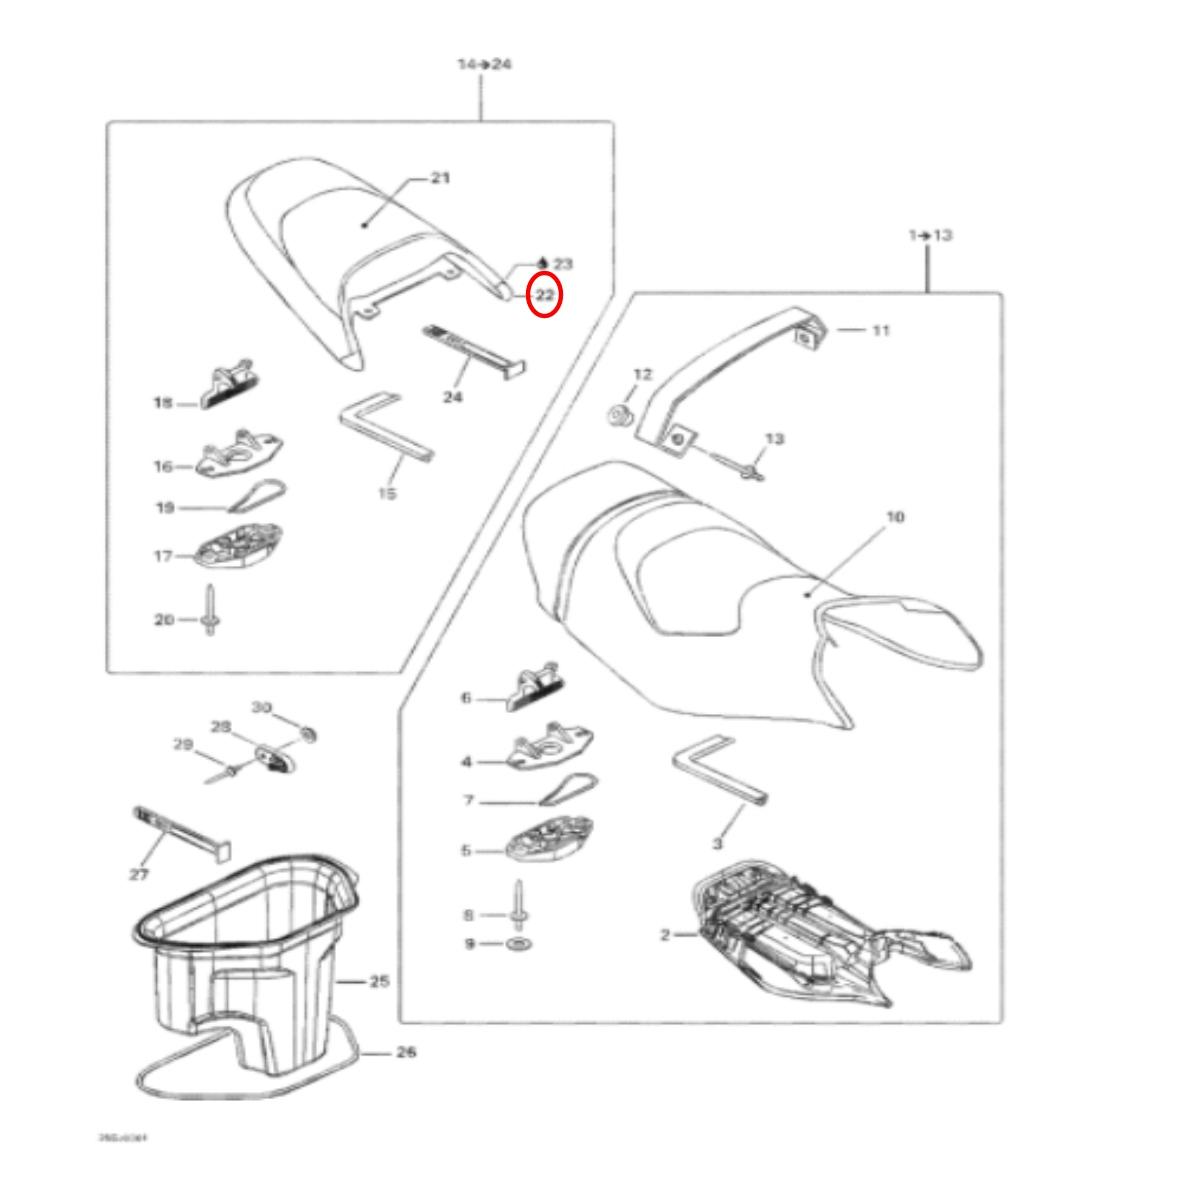 Cantoneira Banco Sea Doo GTI 02 Roxa LH  - Radical Peças - Peças para Jet Ski